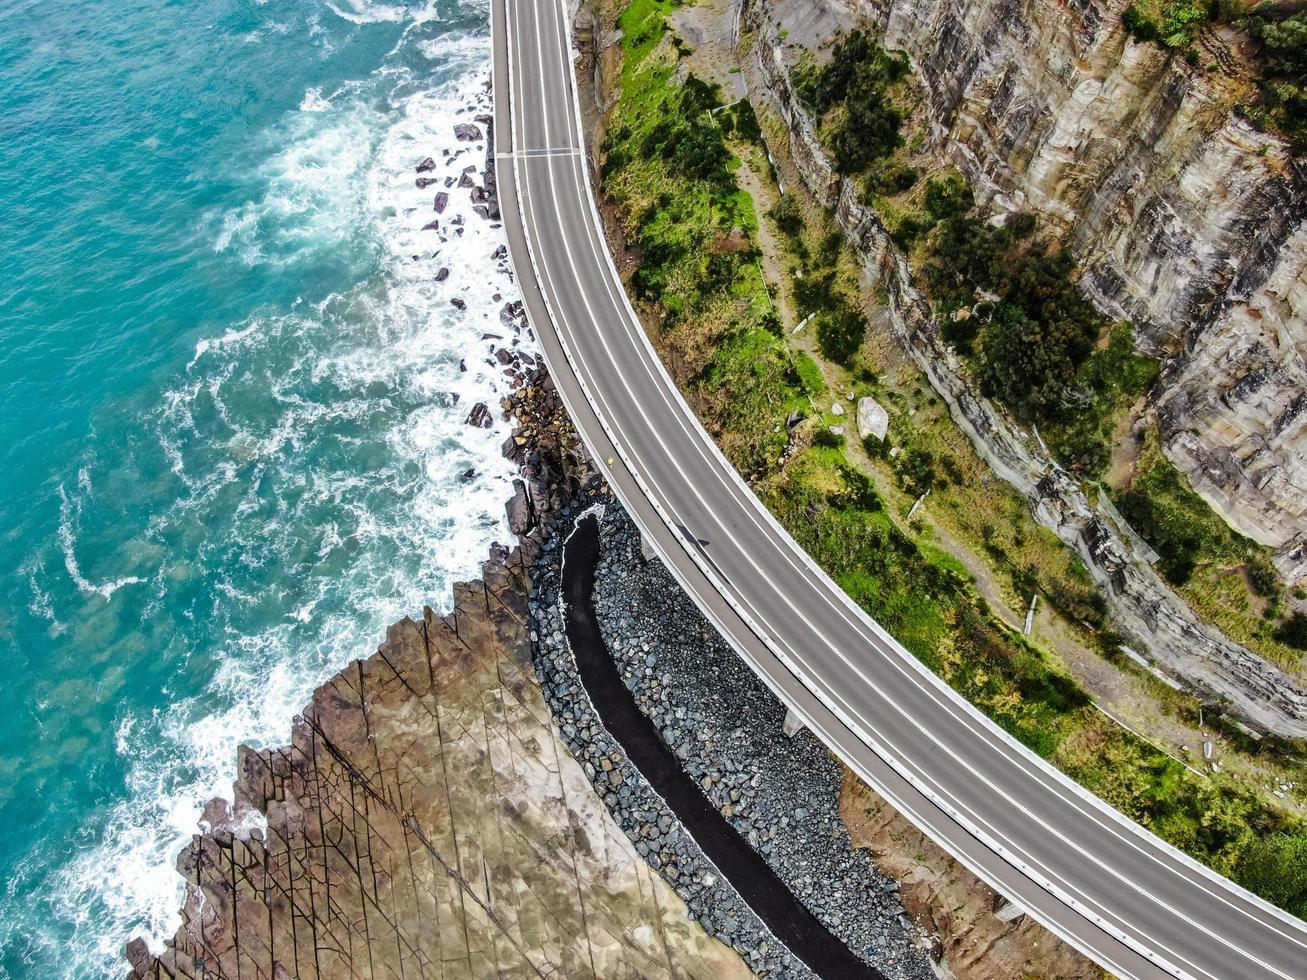 luchtfoto van een weg in de buurt van een berg en de oceaan foto